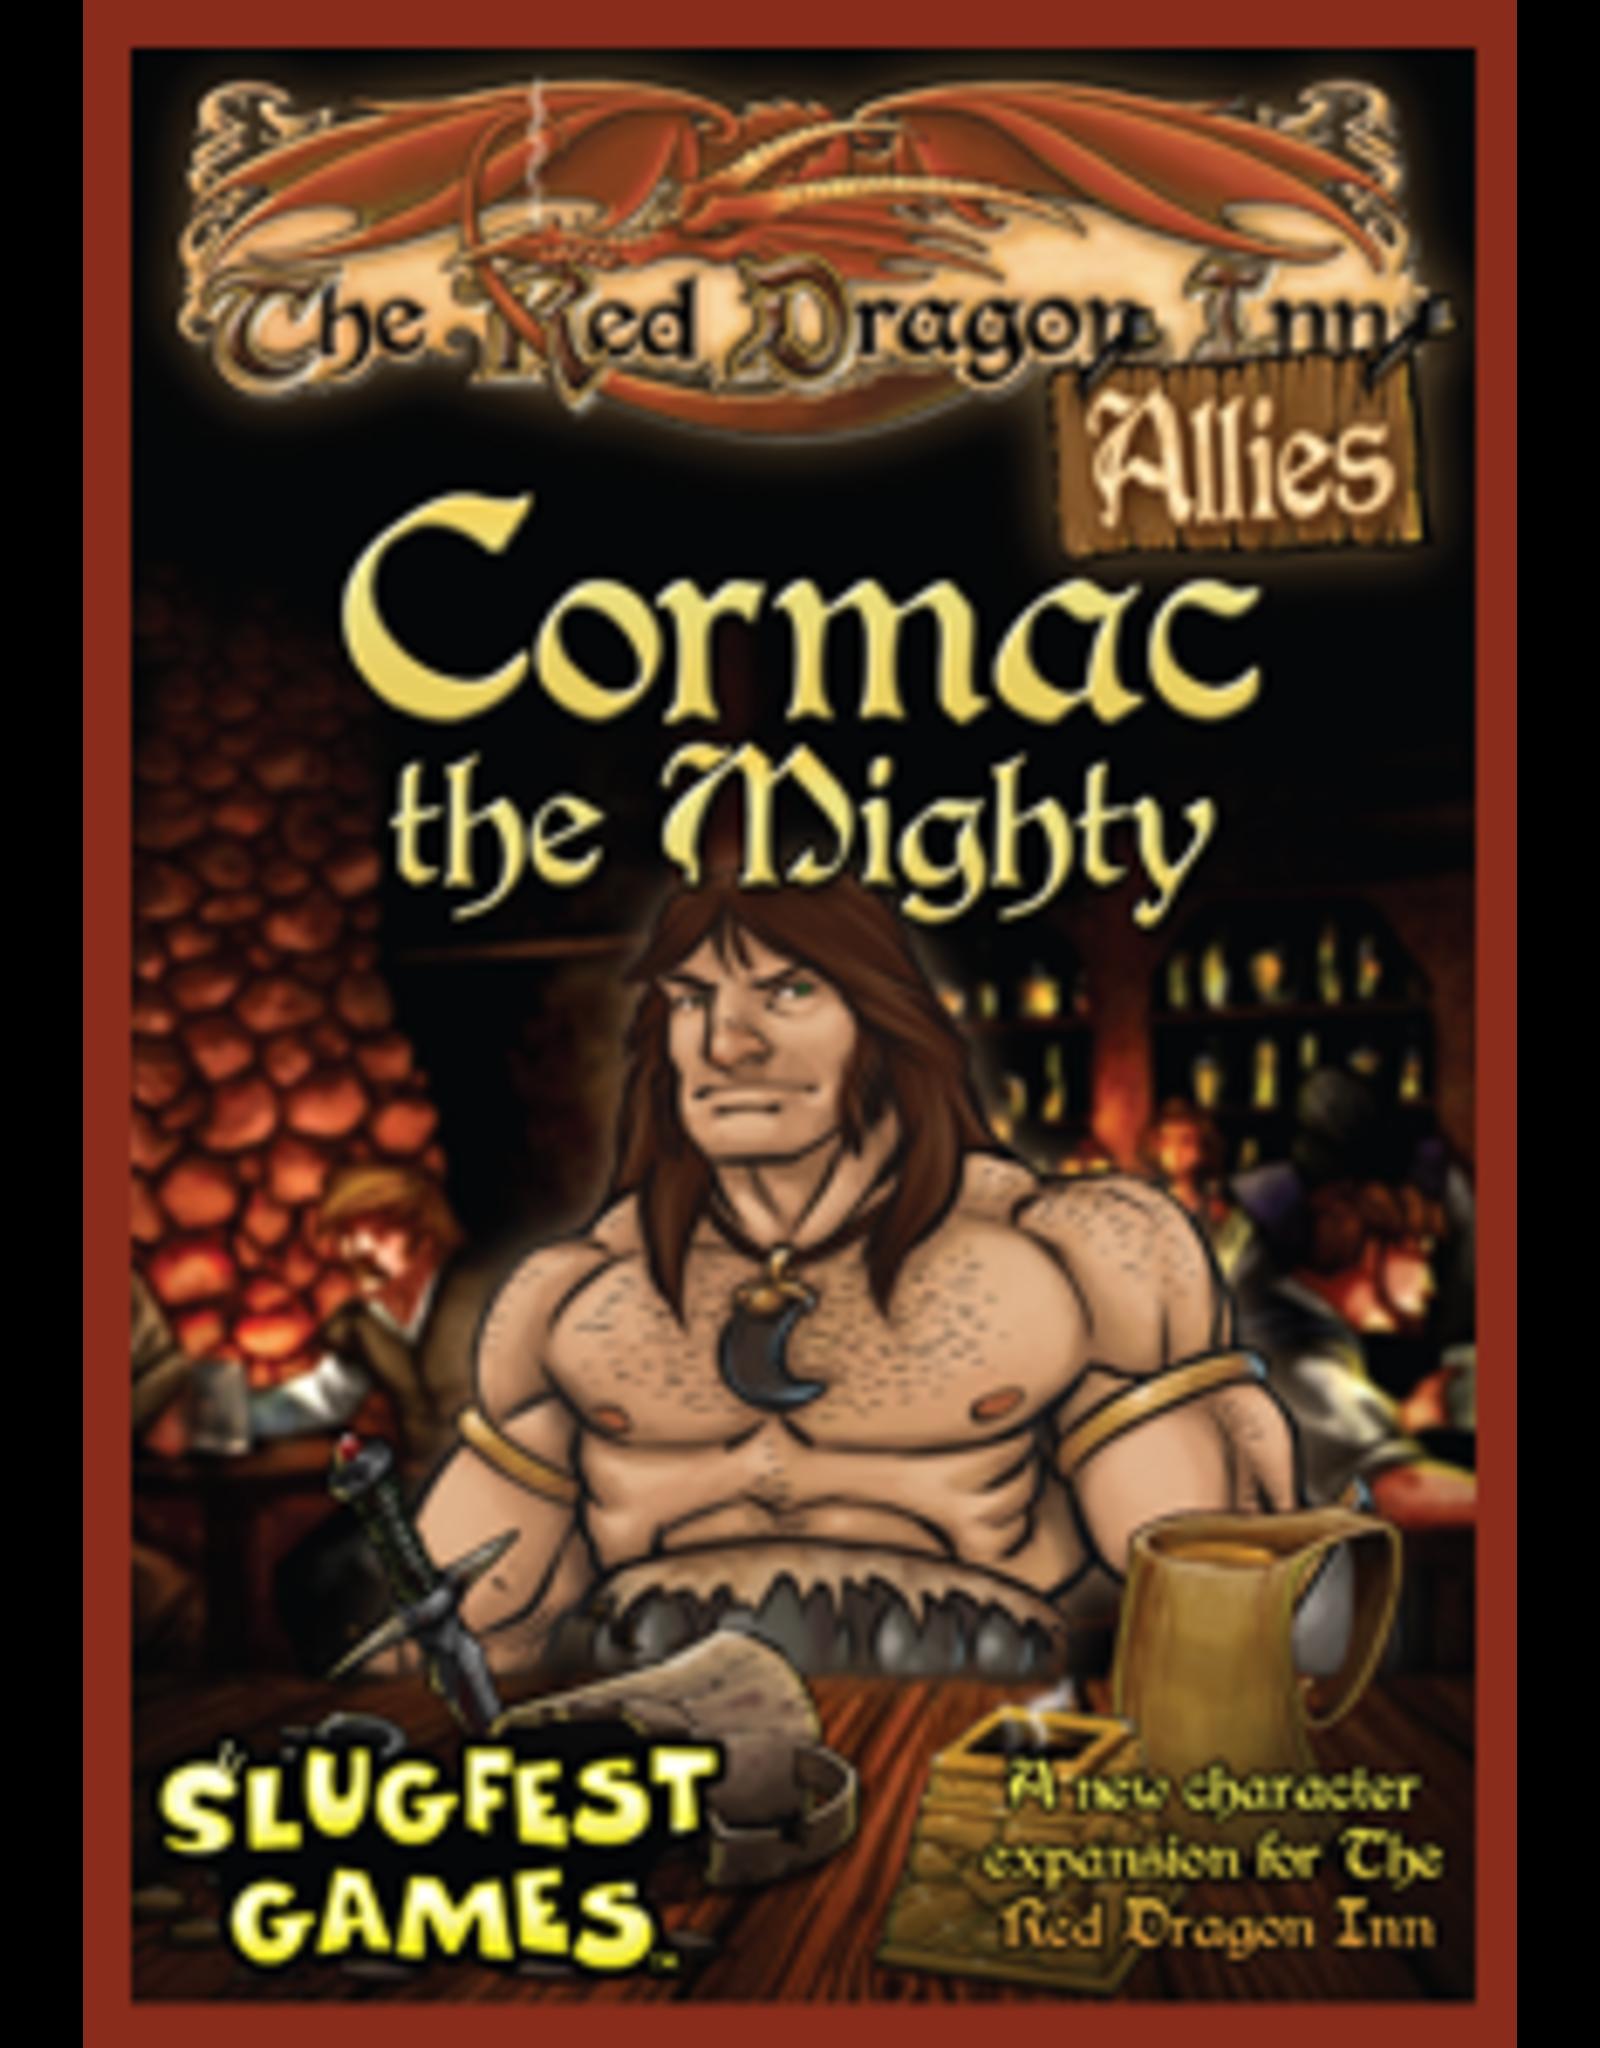 Slugfest Games Red Dragon Inn Allies Cormac